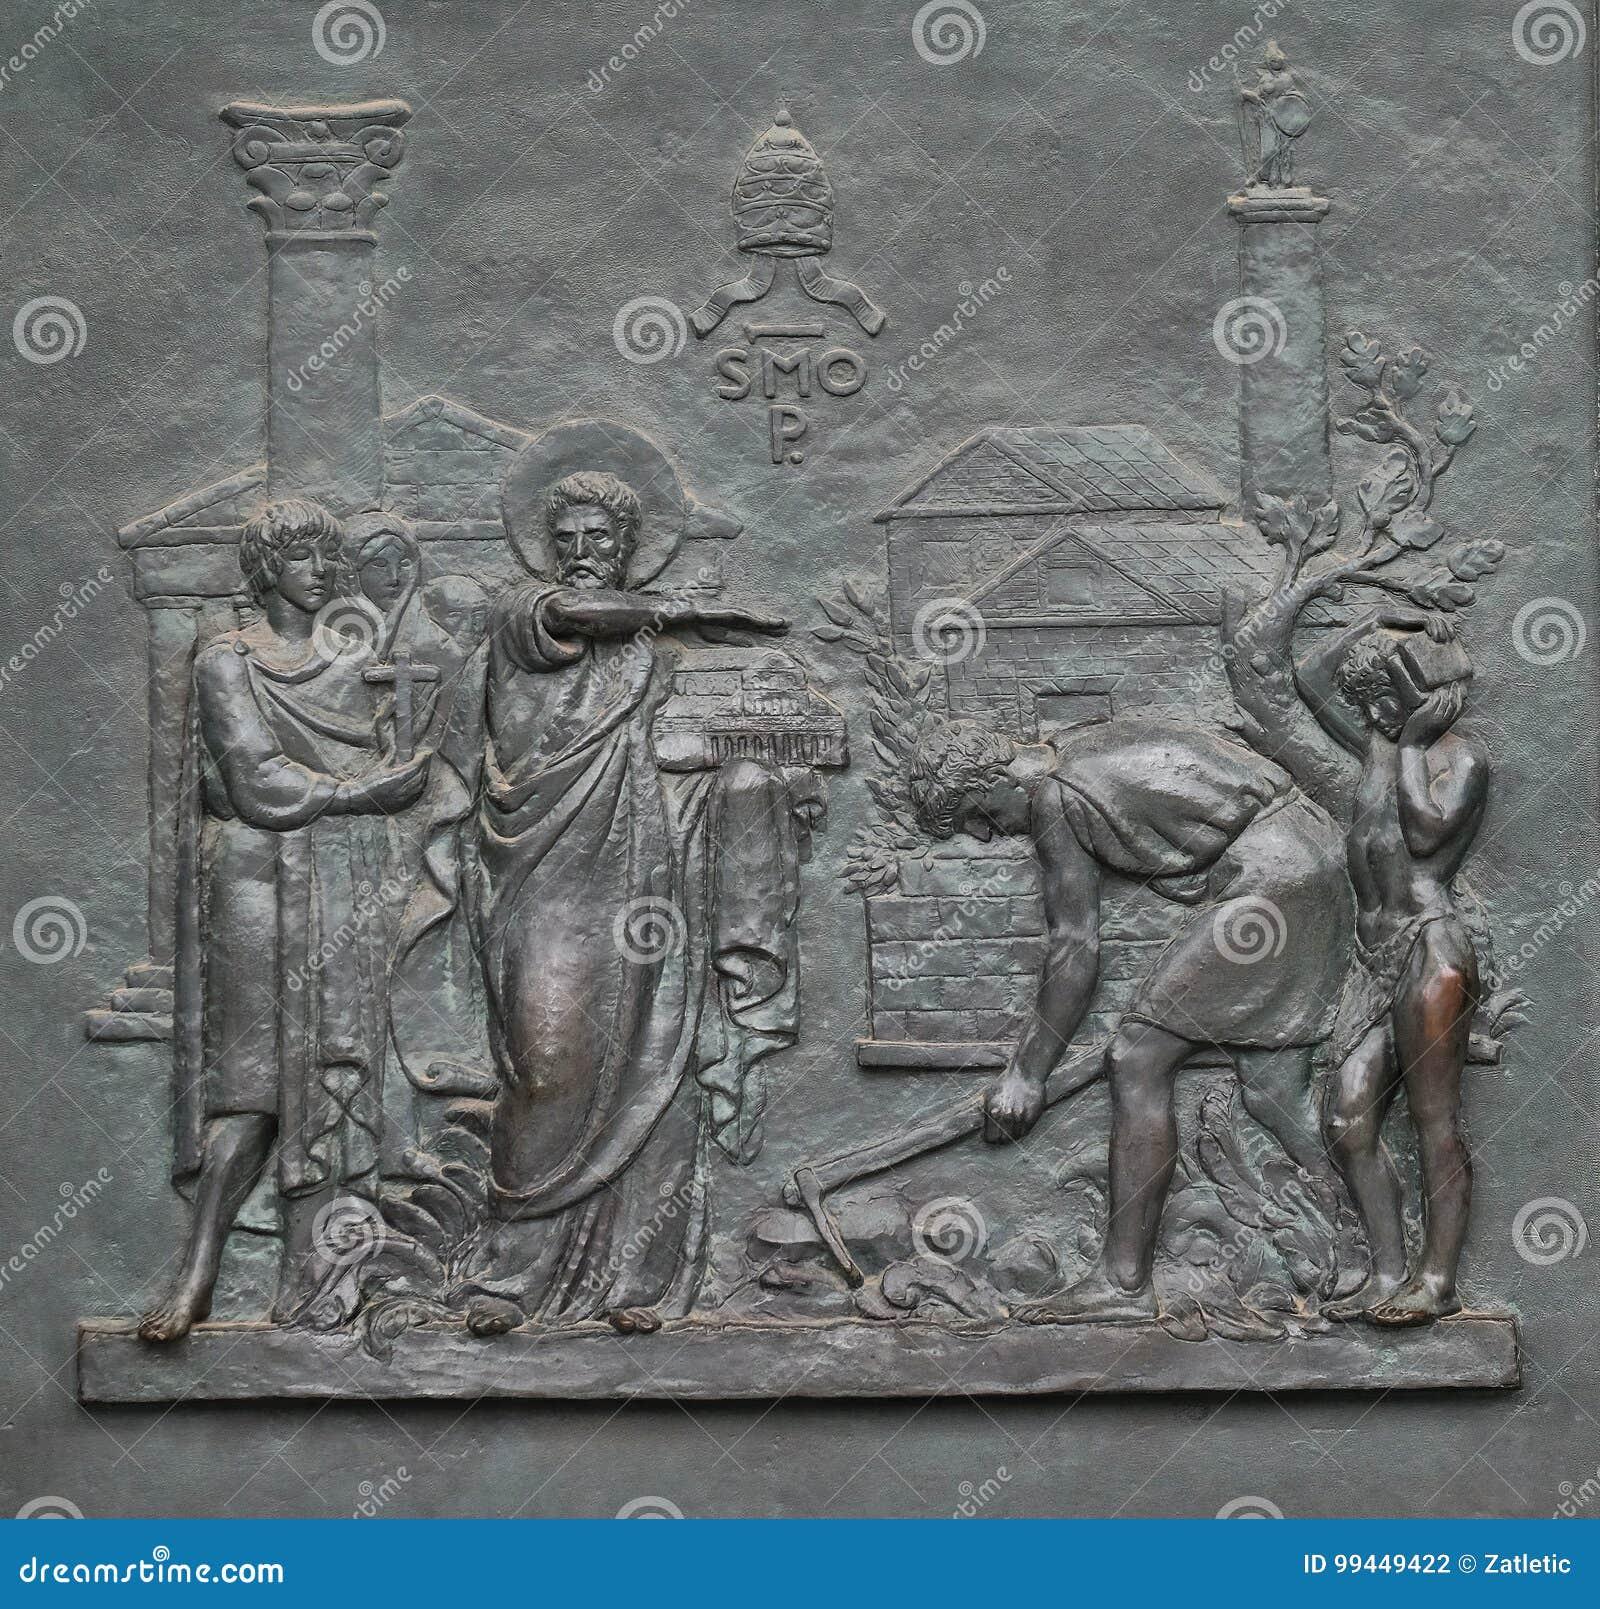 Porte en bronze avec l image de la vie de St Peter : La base du papal voient